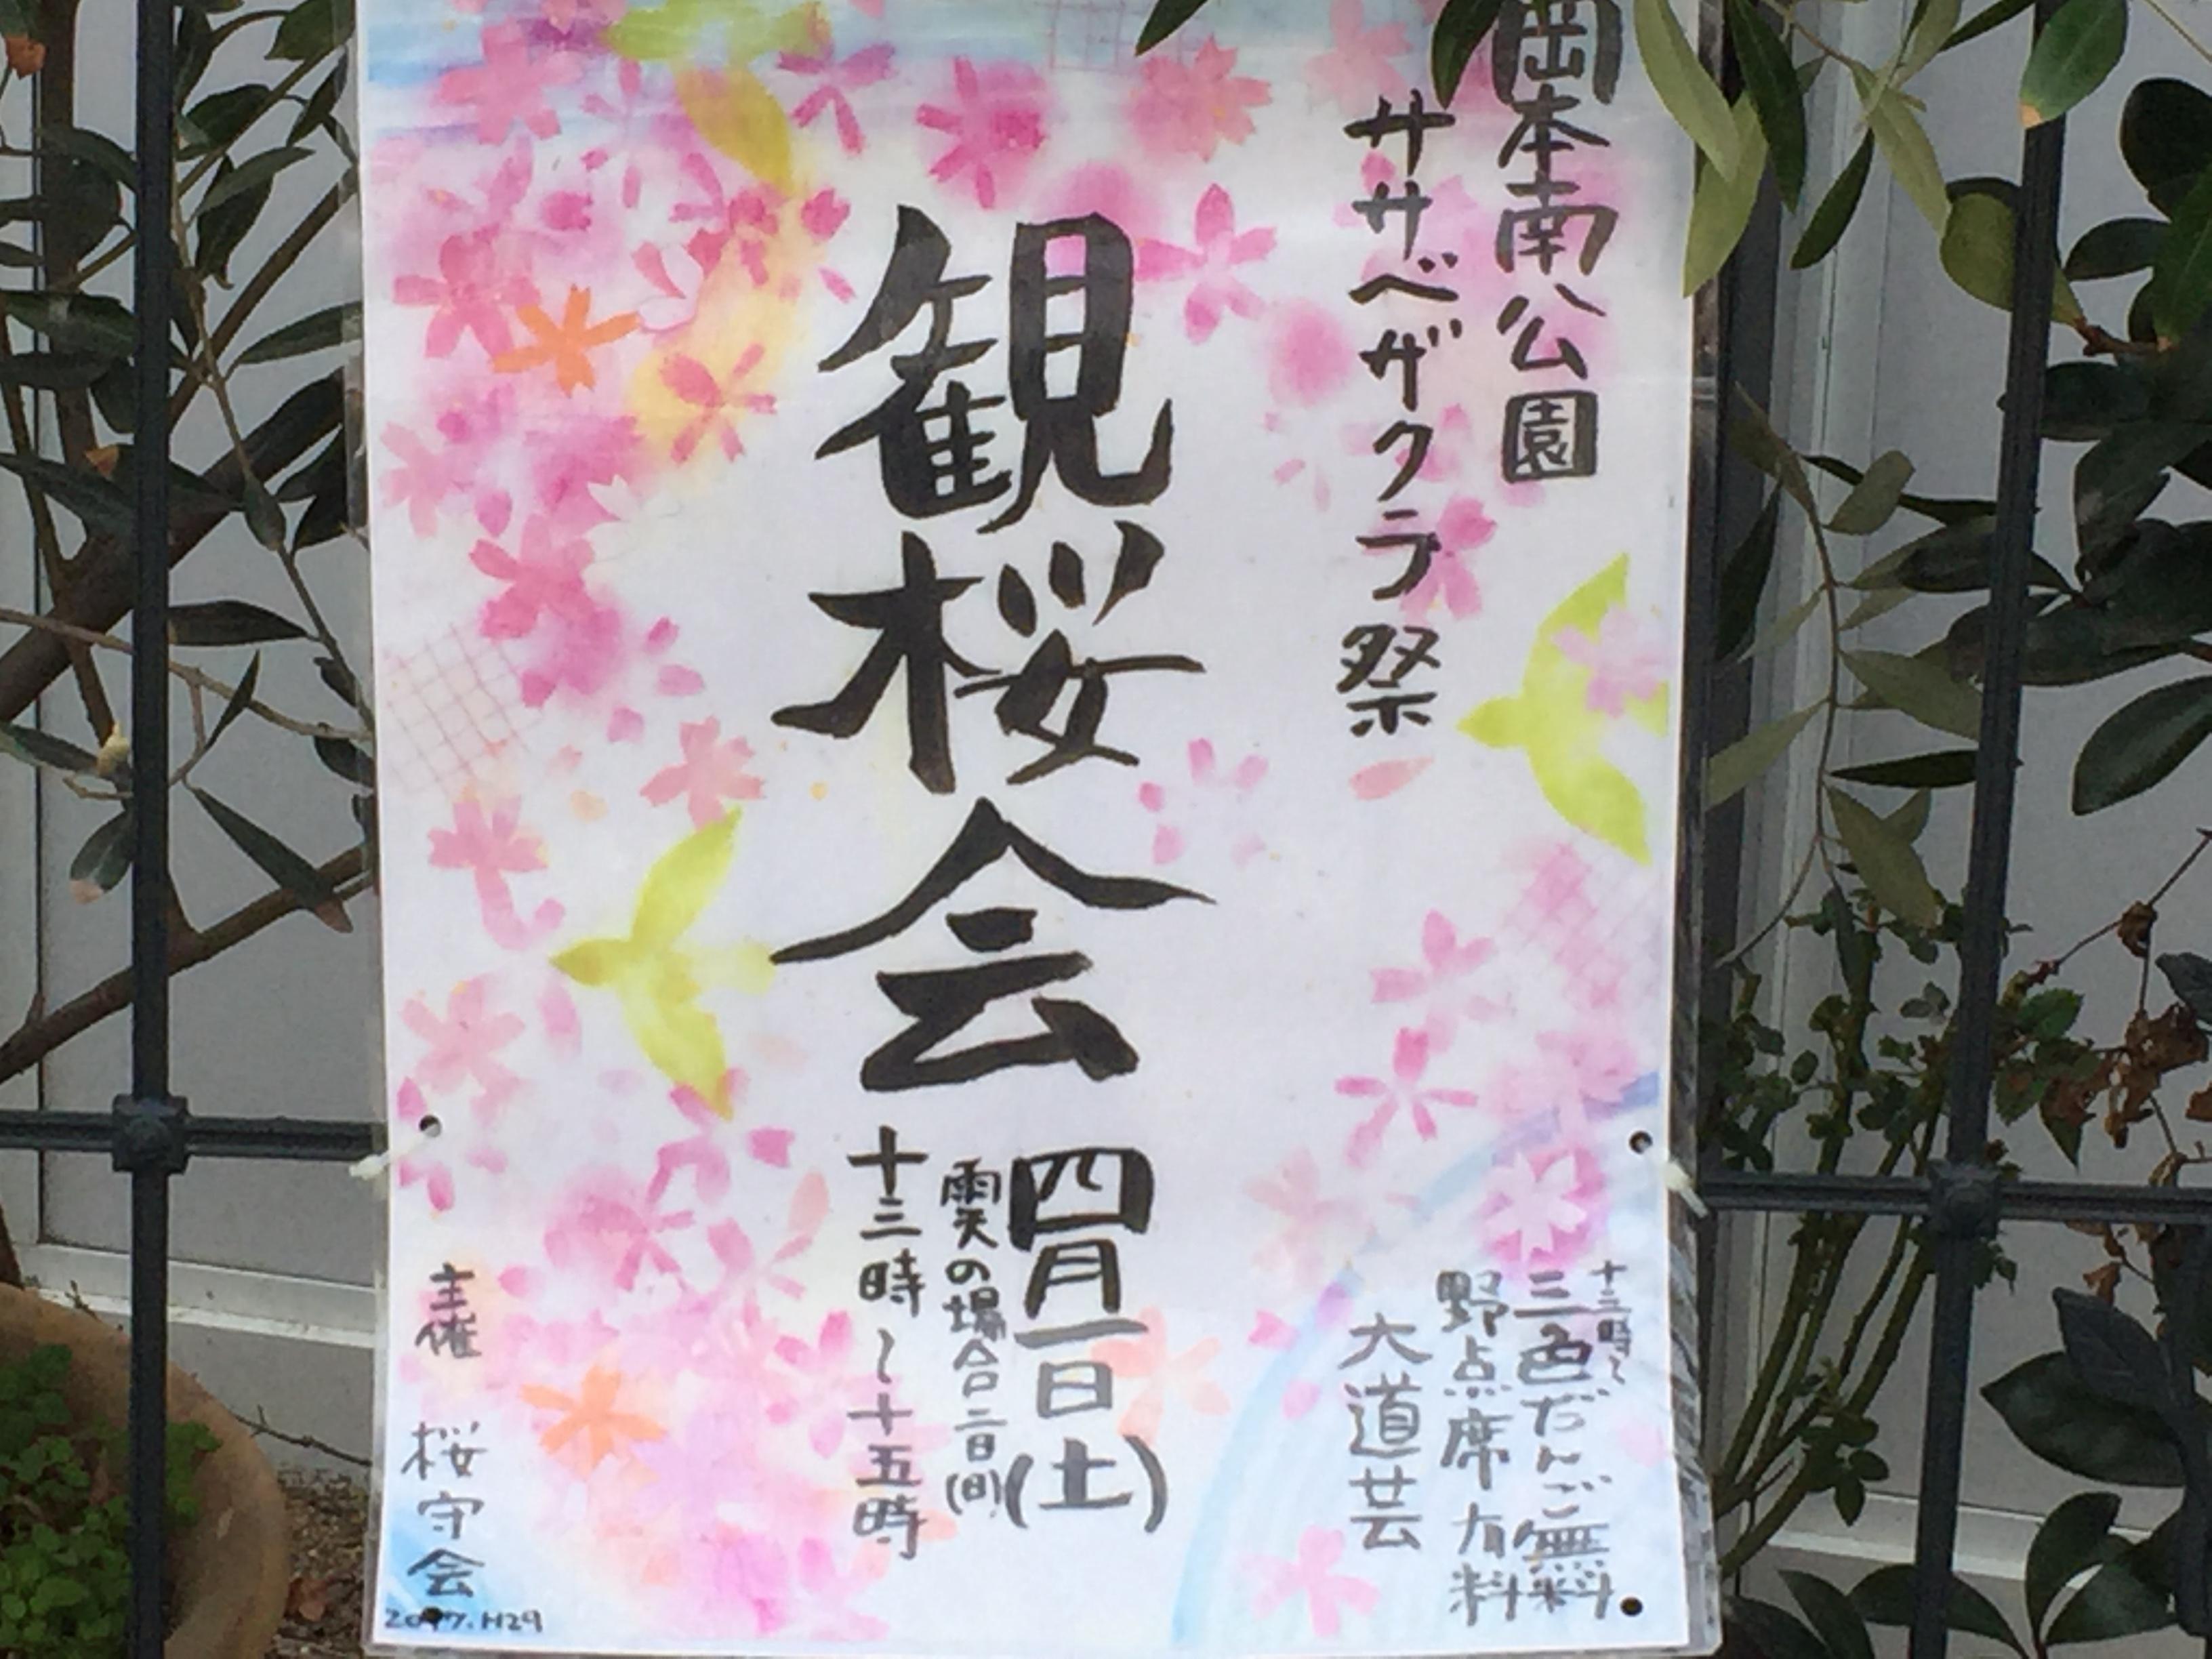 神戸・岡本南公園(桜守公園)で4月1日「観桜会」が開催されるよ【※写真付告知】